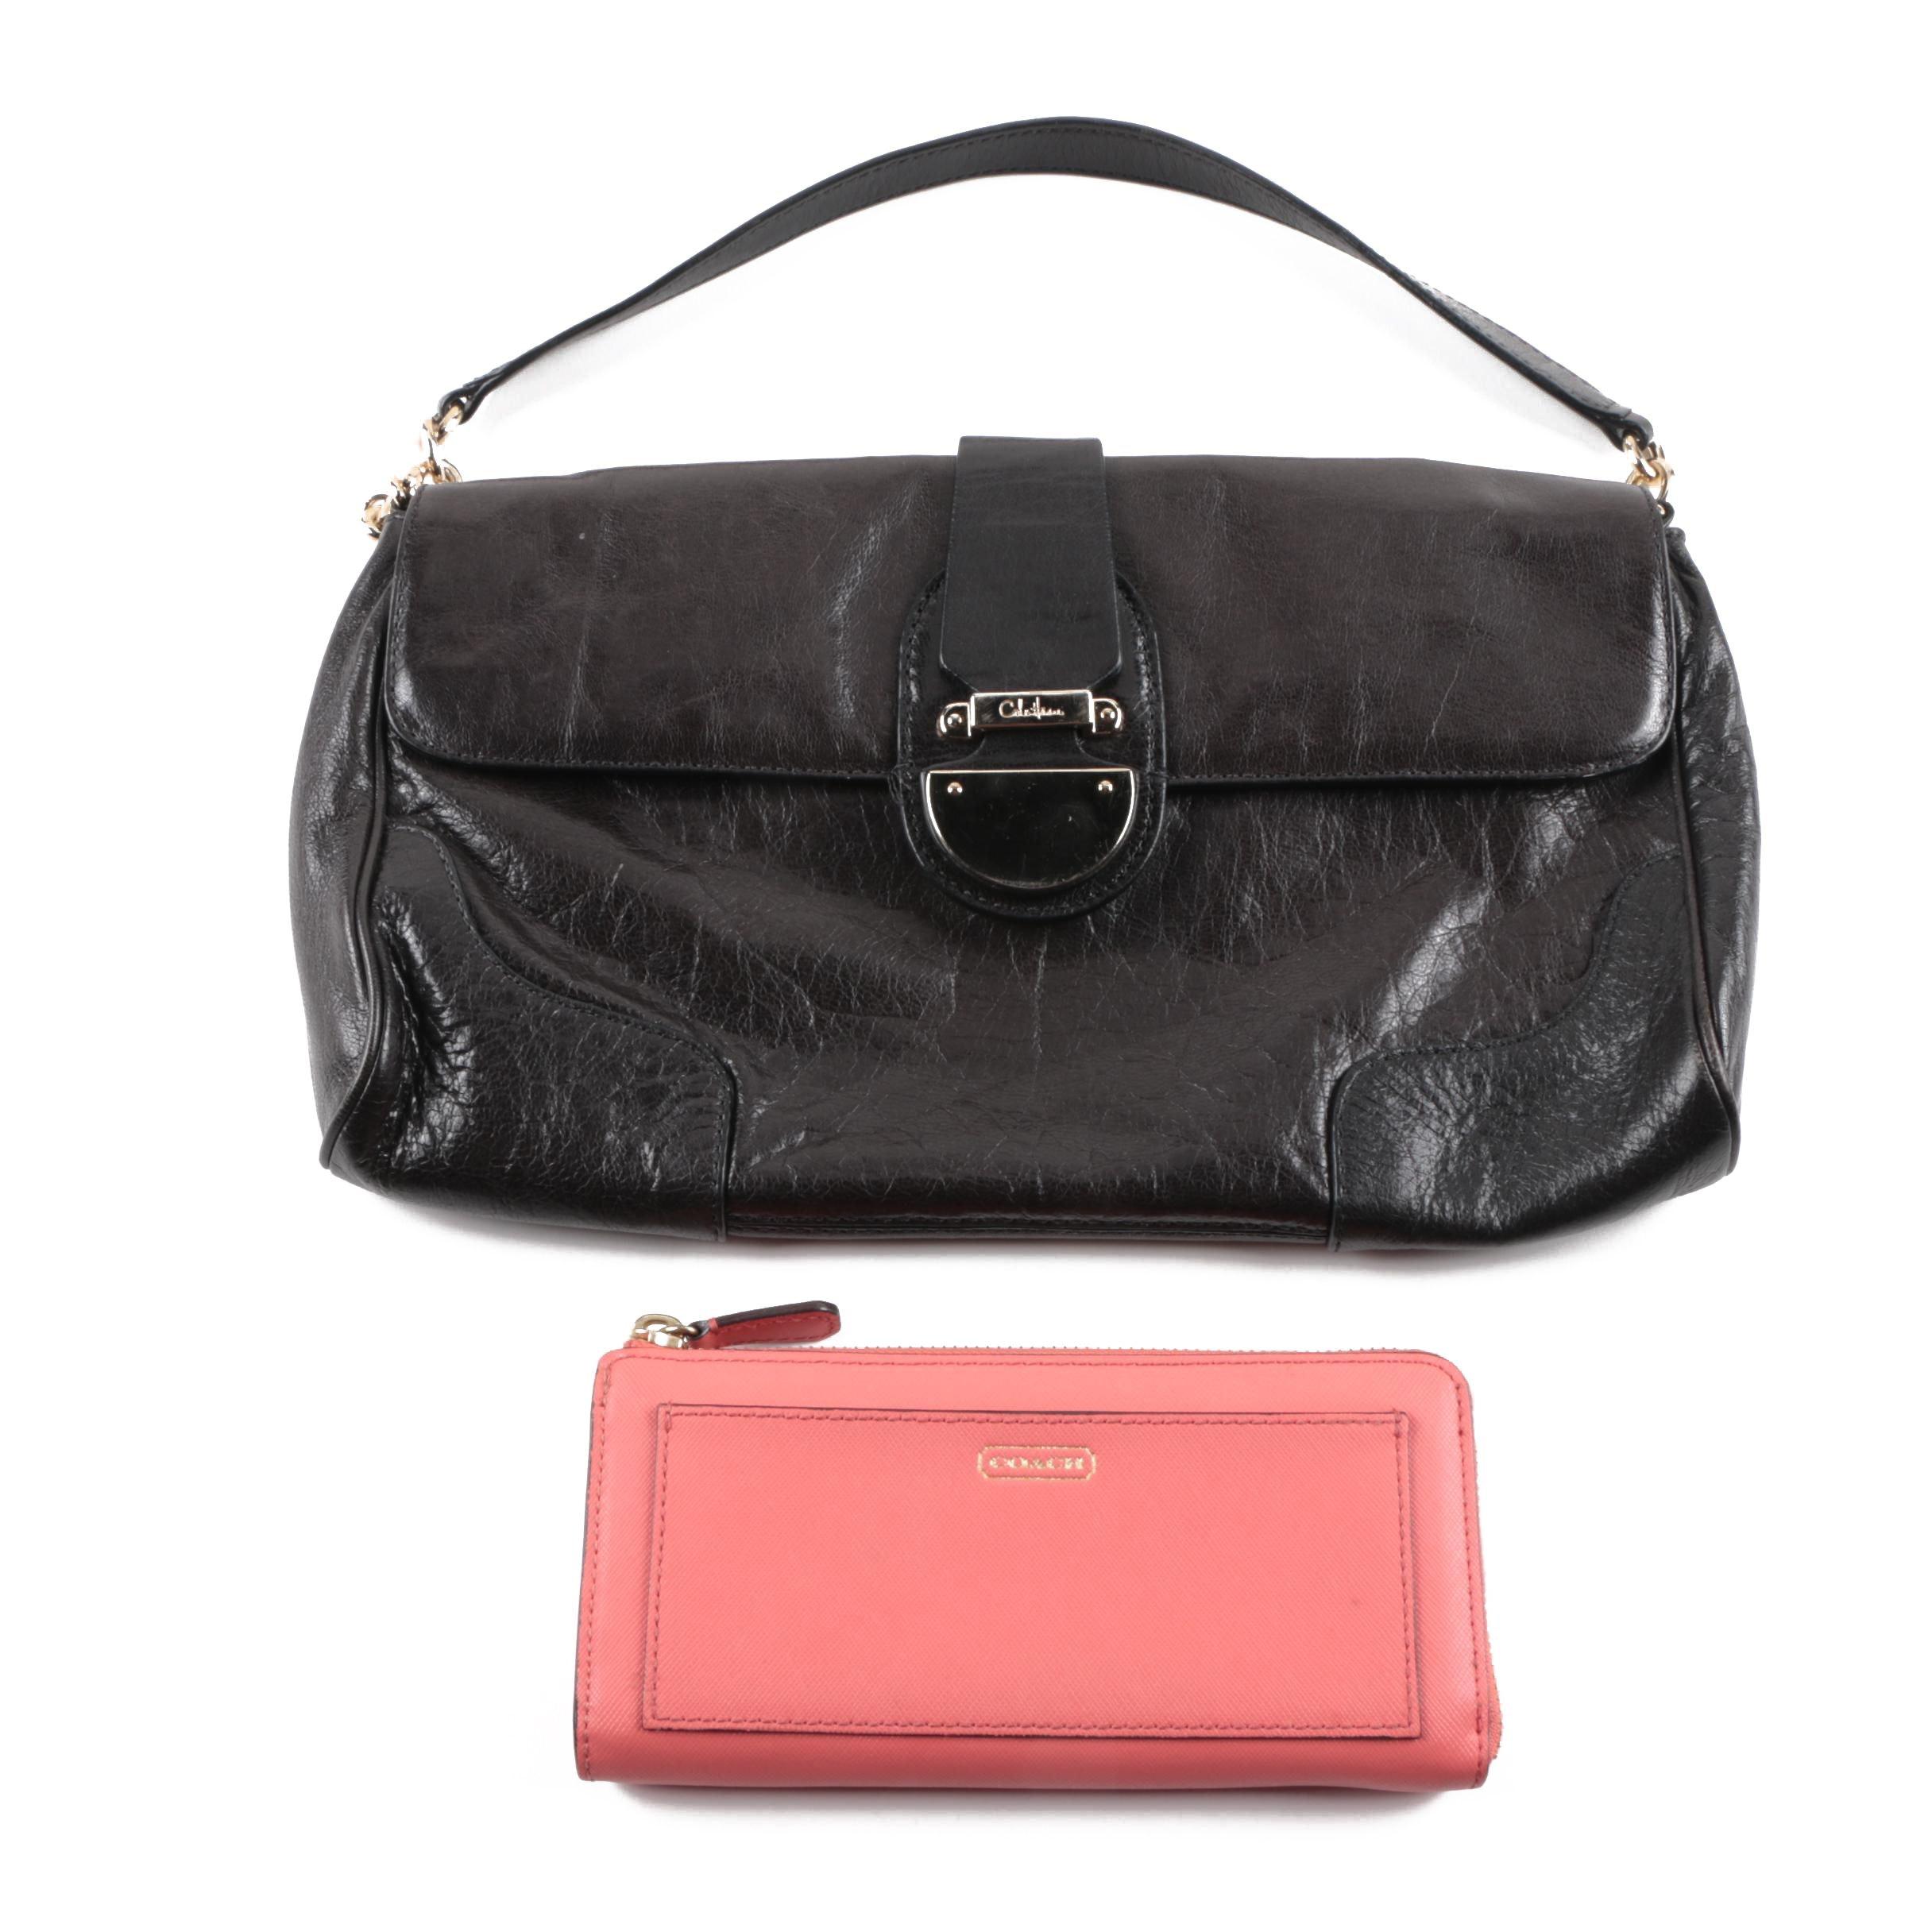 Coach Wallet and Cole Haan handbag